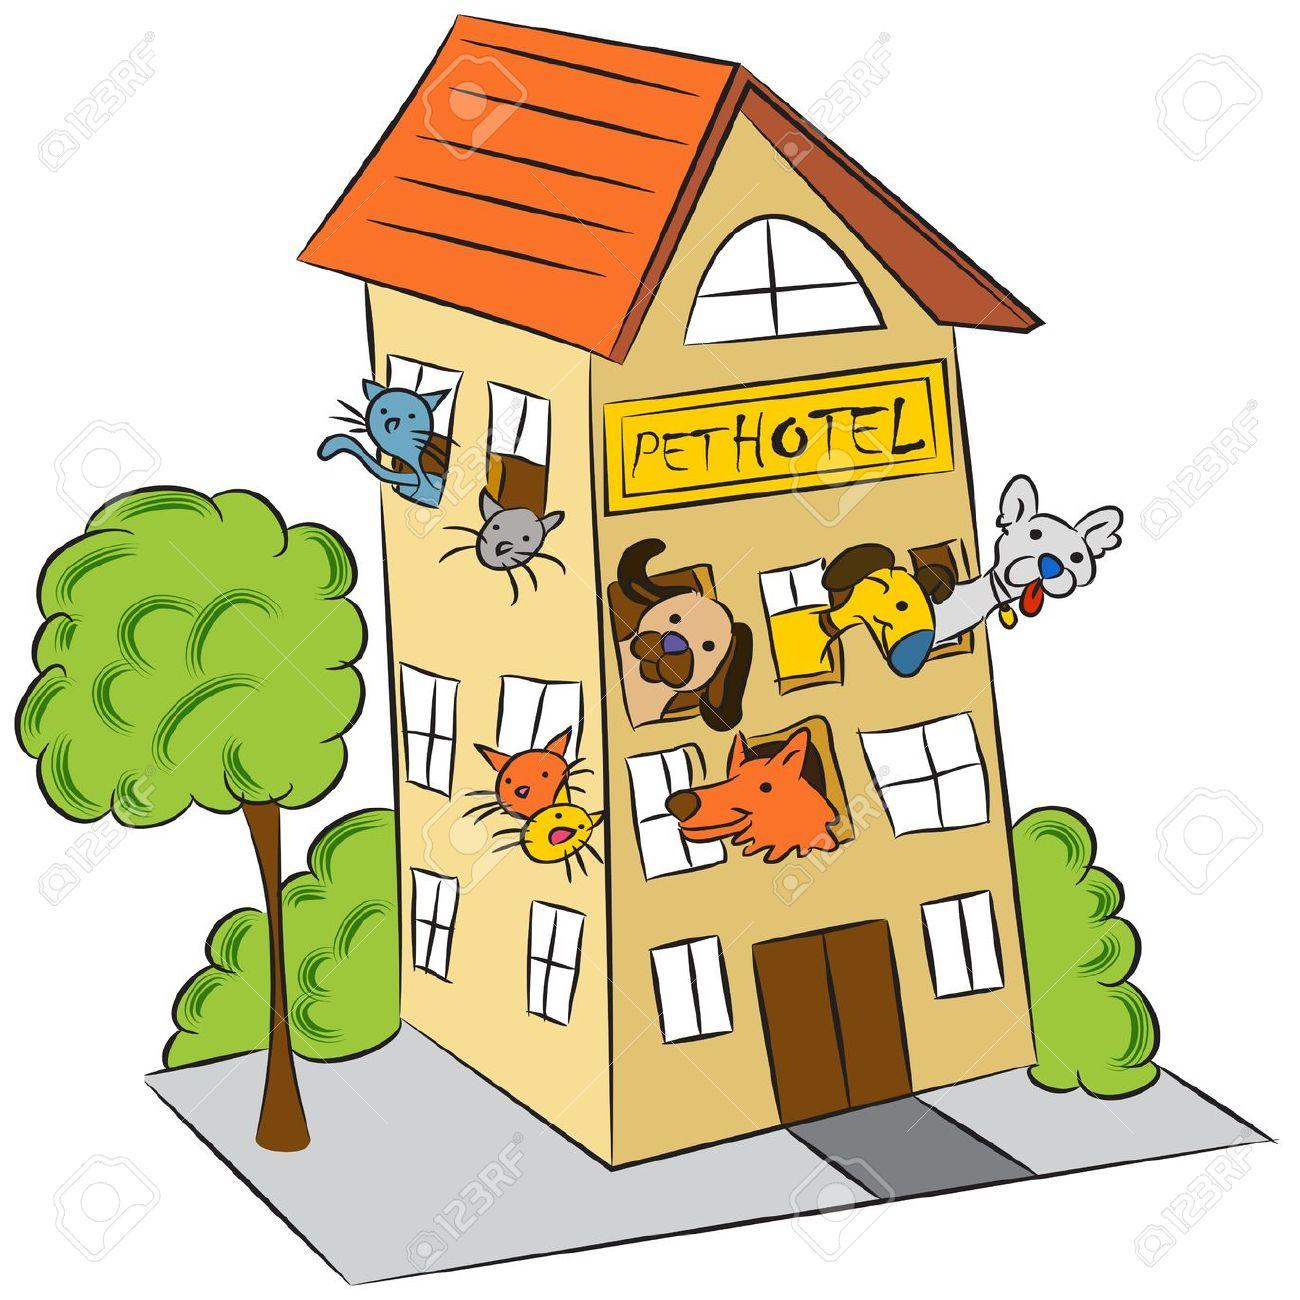 Pet's Hotel on emaze.